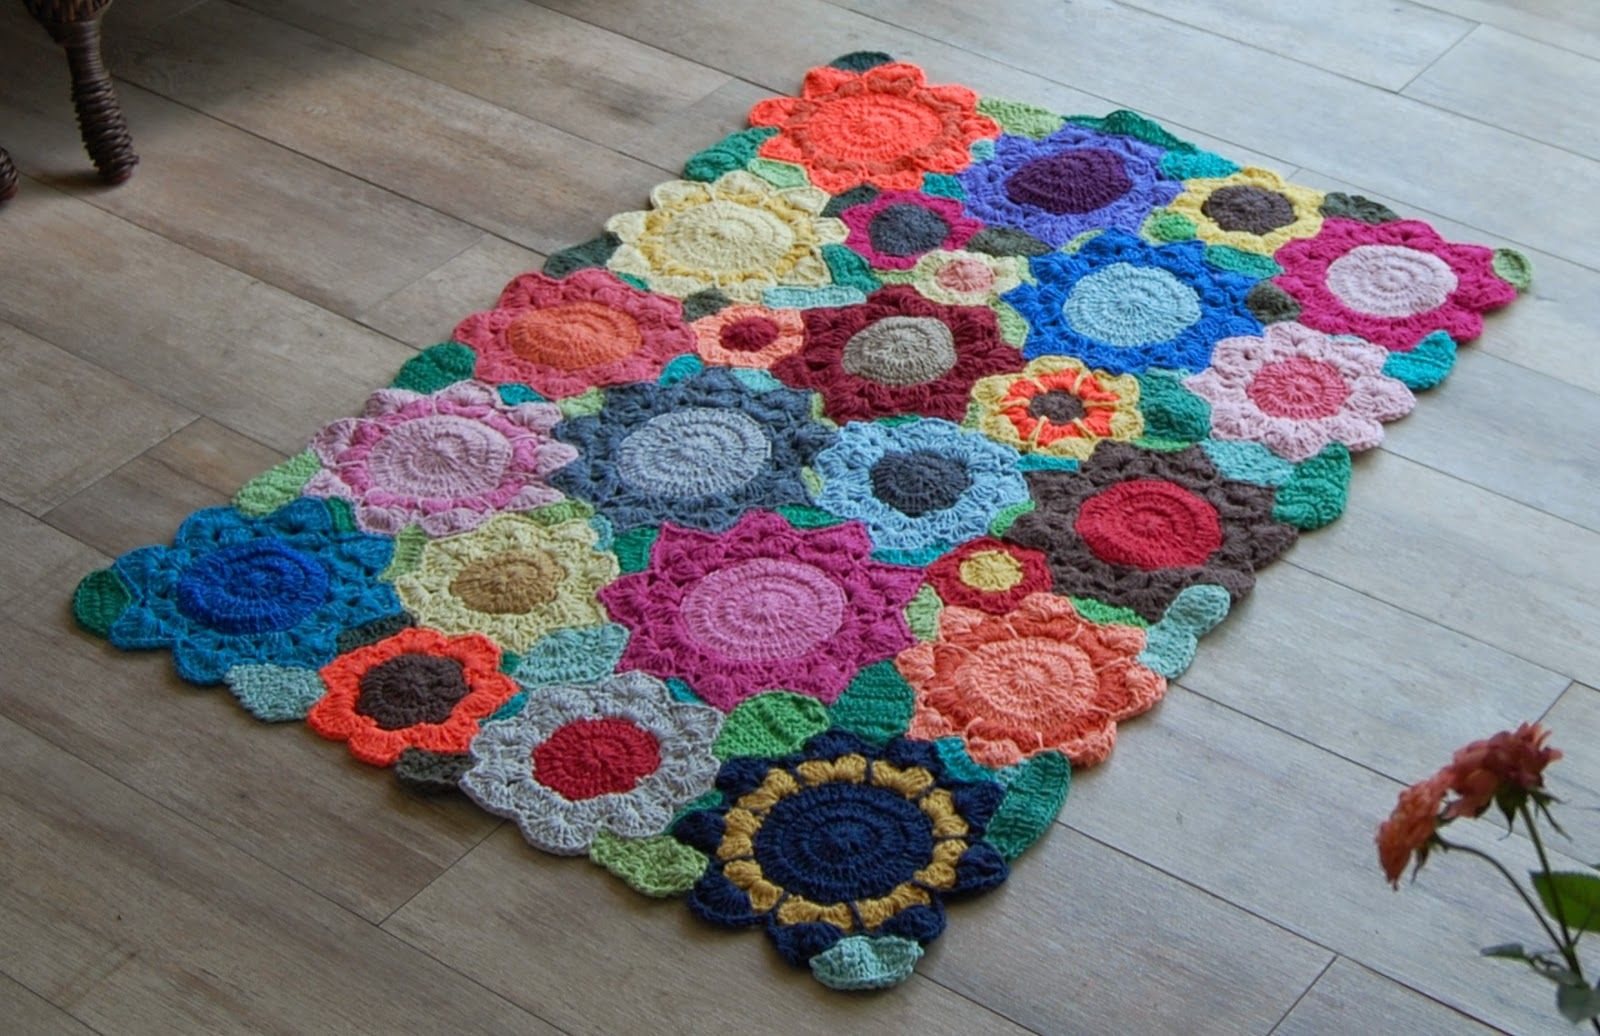 Tapetes em barbante colorido á pronta entrega na loja:   http://www.pontodosbordados.com.br/pecas-a-pronta-entrega/decoracao/tapetes.ht...